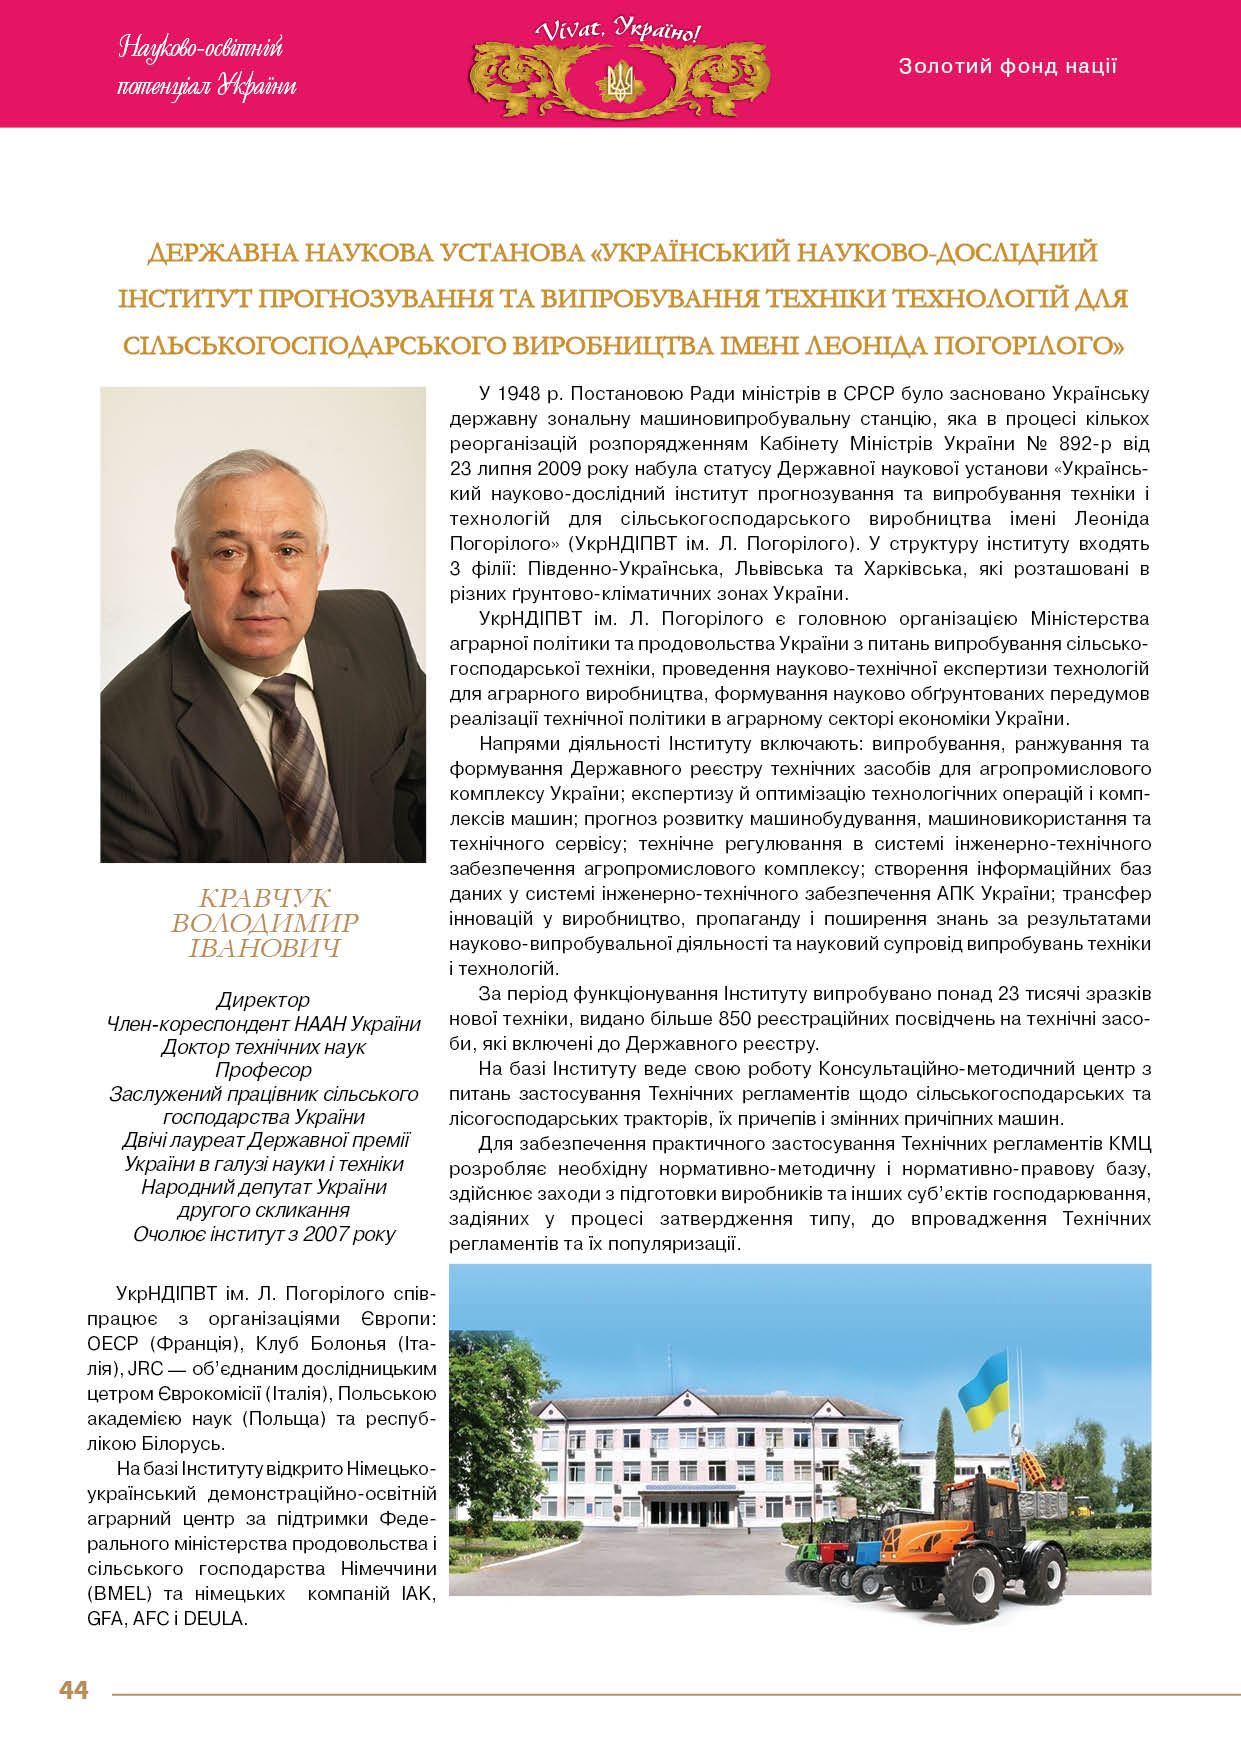 Кравчук Володимир Іванович